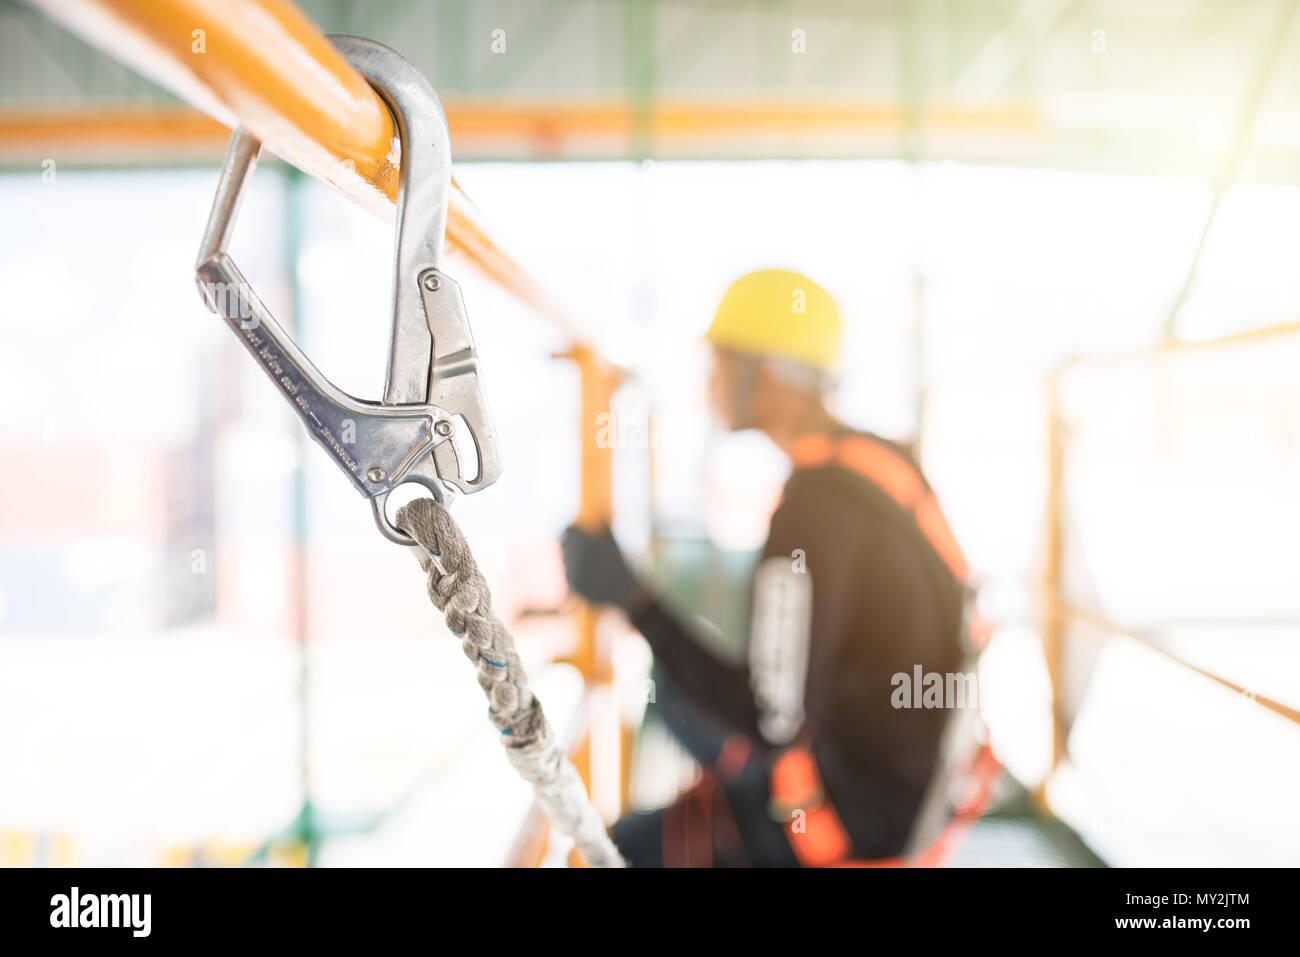 Industrielle Arbeiter mit Sicherheit Schutzausrüstung Schleife hängen an der Bar neben, Sicherheitskonzept Stockbild